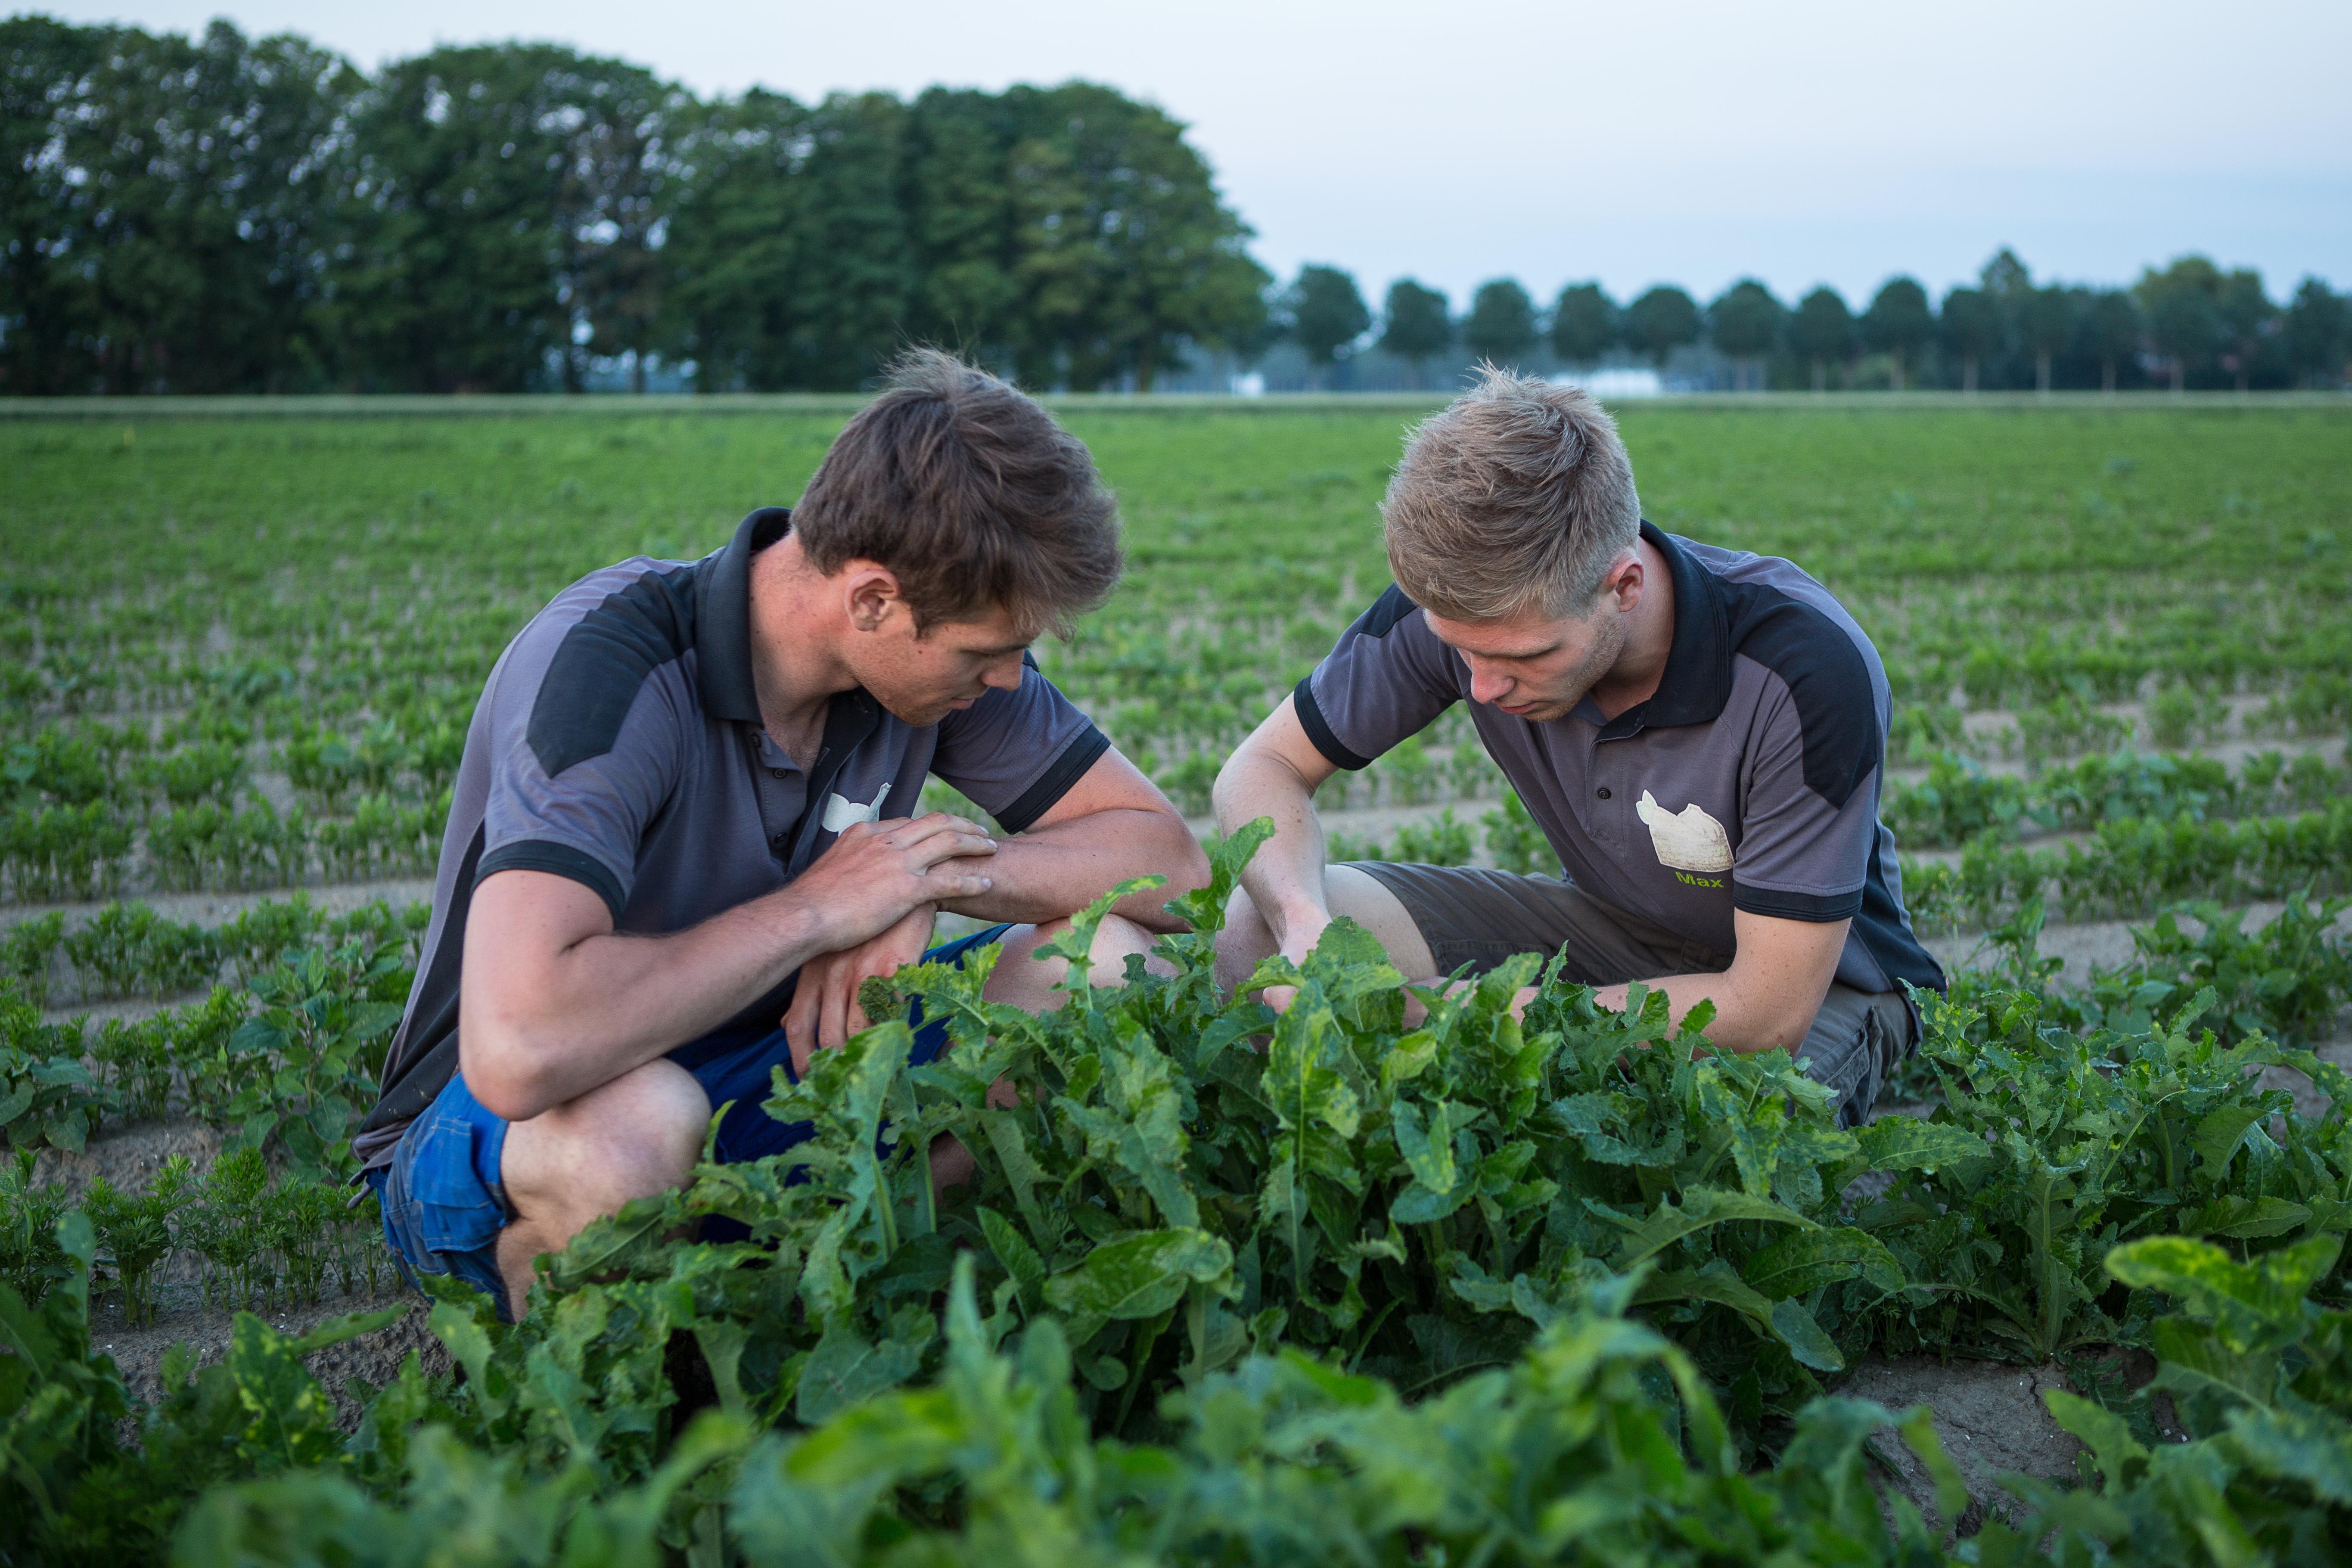 408150 Bestrijding van distels in de wortelen met precisie-spuiten bij akkerbouwbedrijf Sturm in Ens. Foto: Max en Gijs bekijken het spuitresultaat